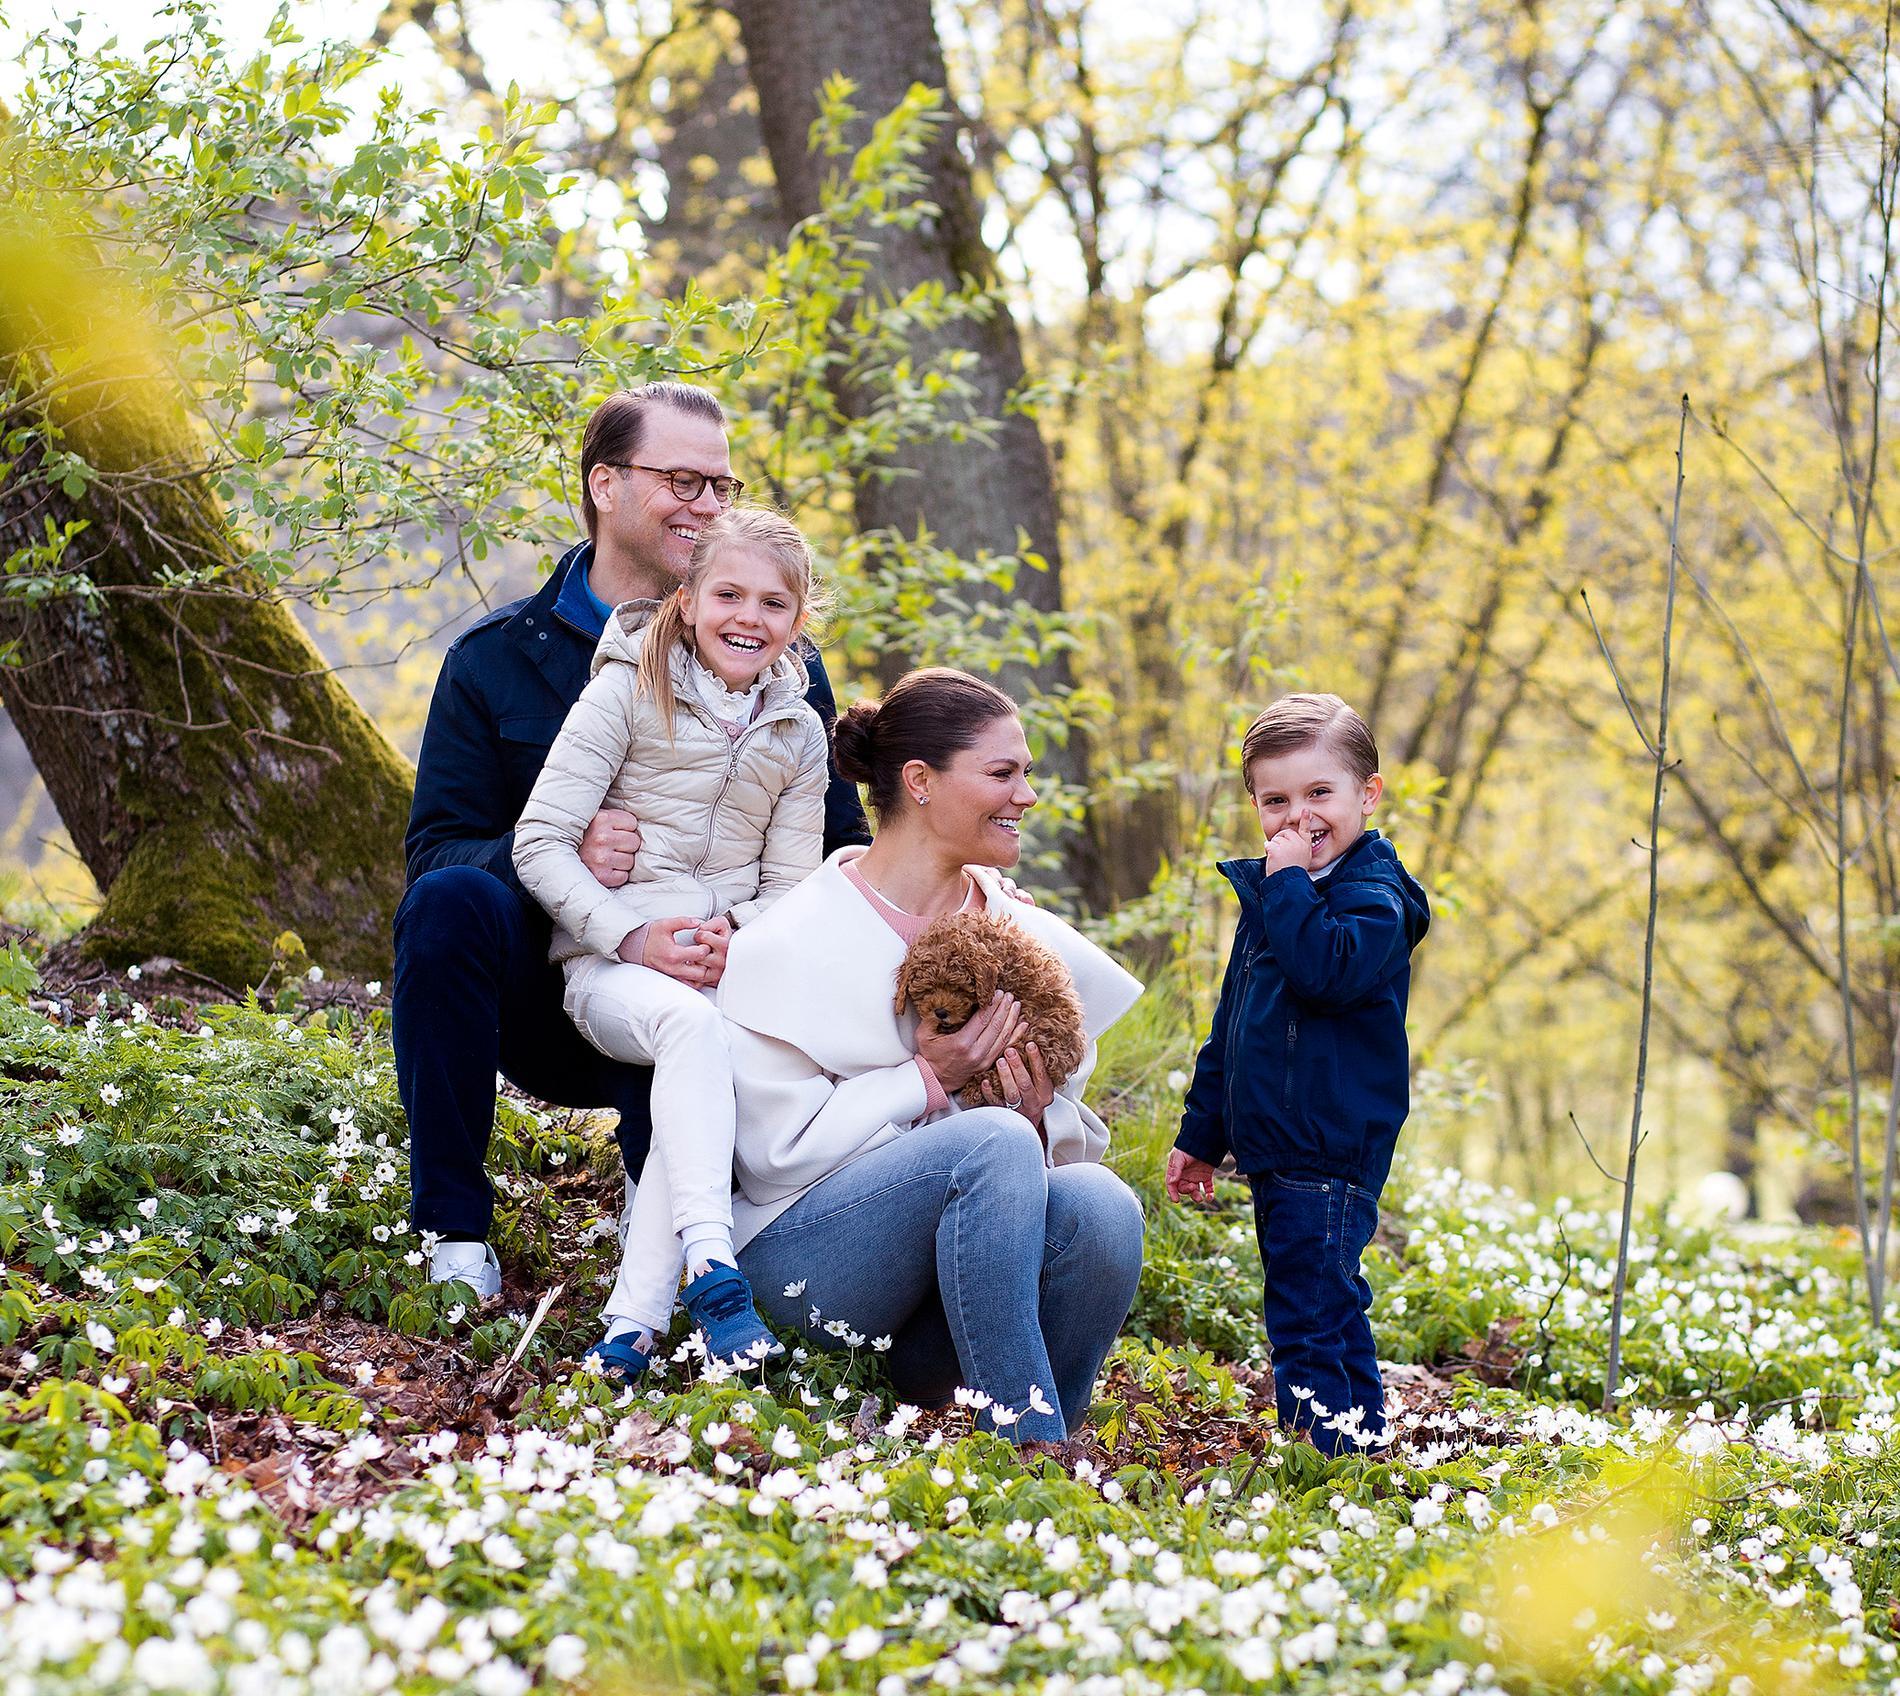 Familjens nya tillskott verkar ha fått ett kungligt mottagande.